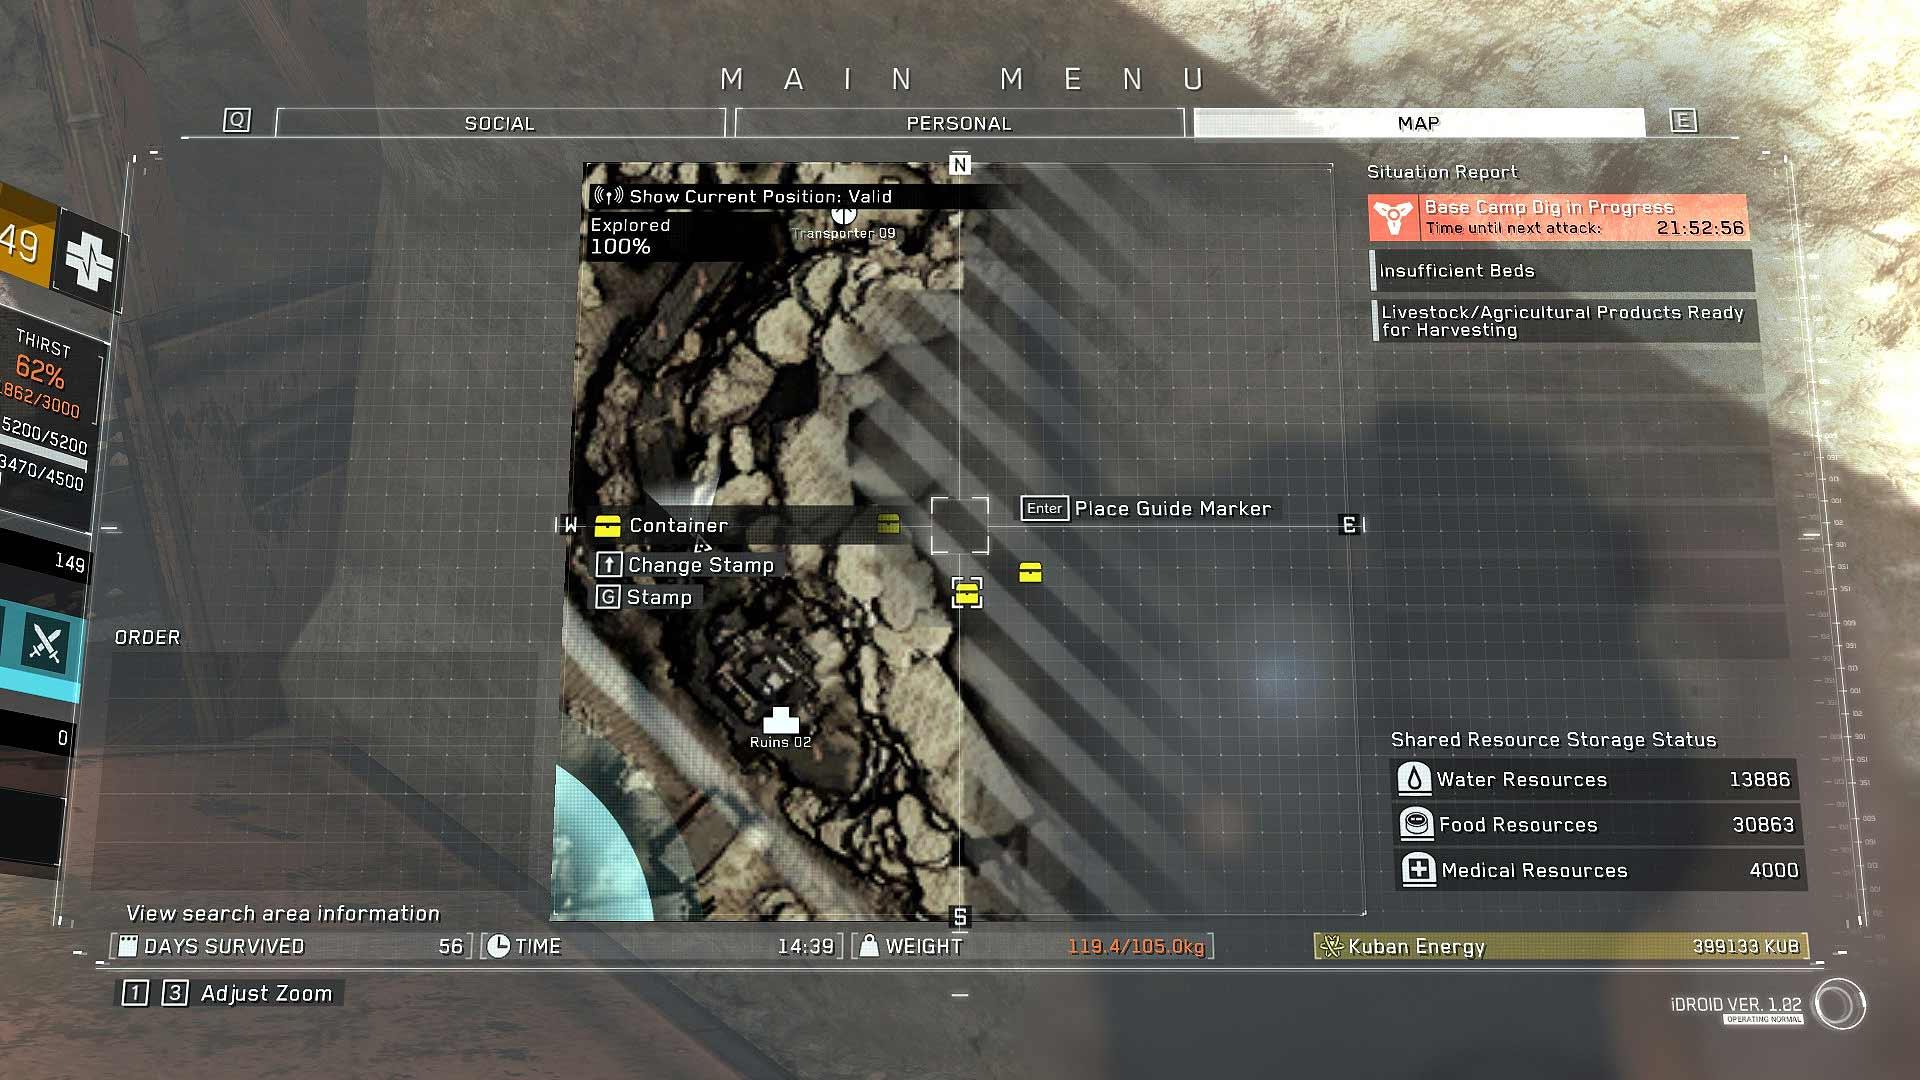 где искать контейнеры с рецептами вMetal Gear Survive - #MetalGearSurvive - карта Руины 2